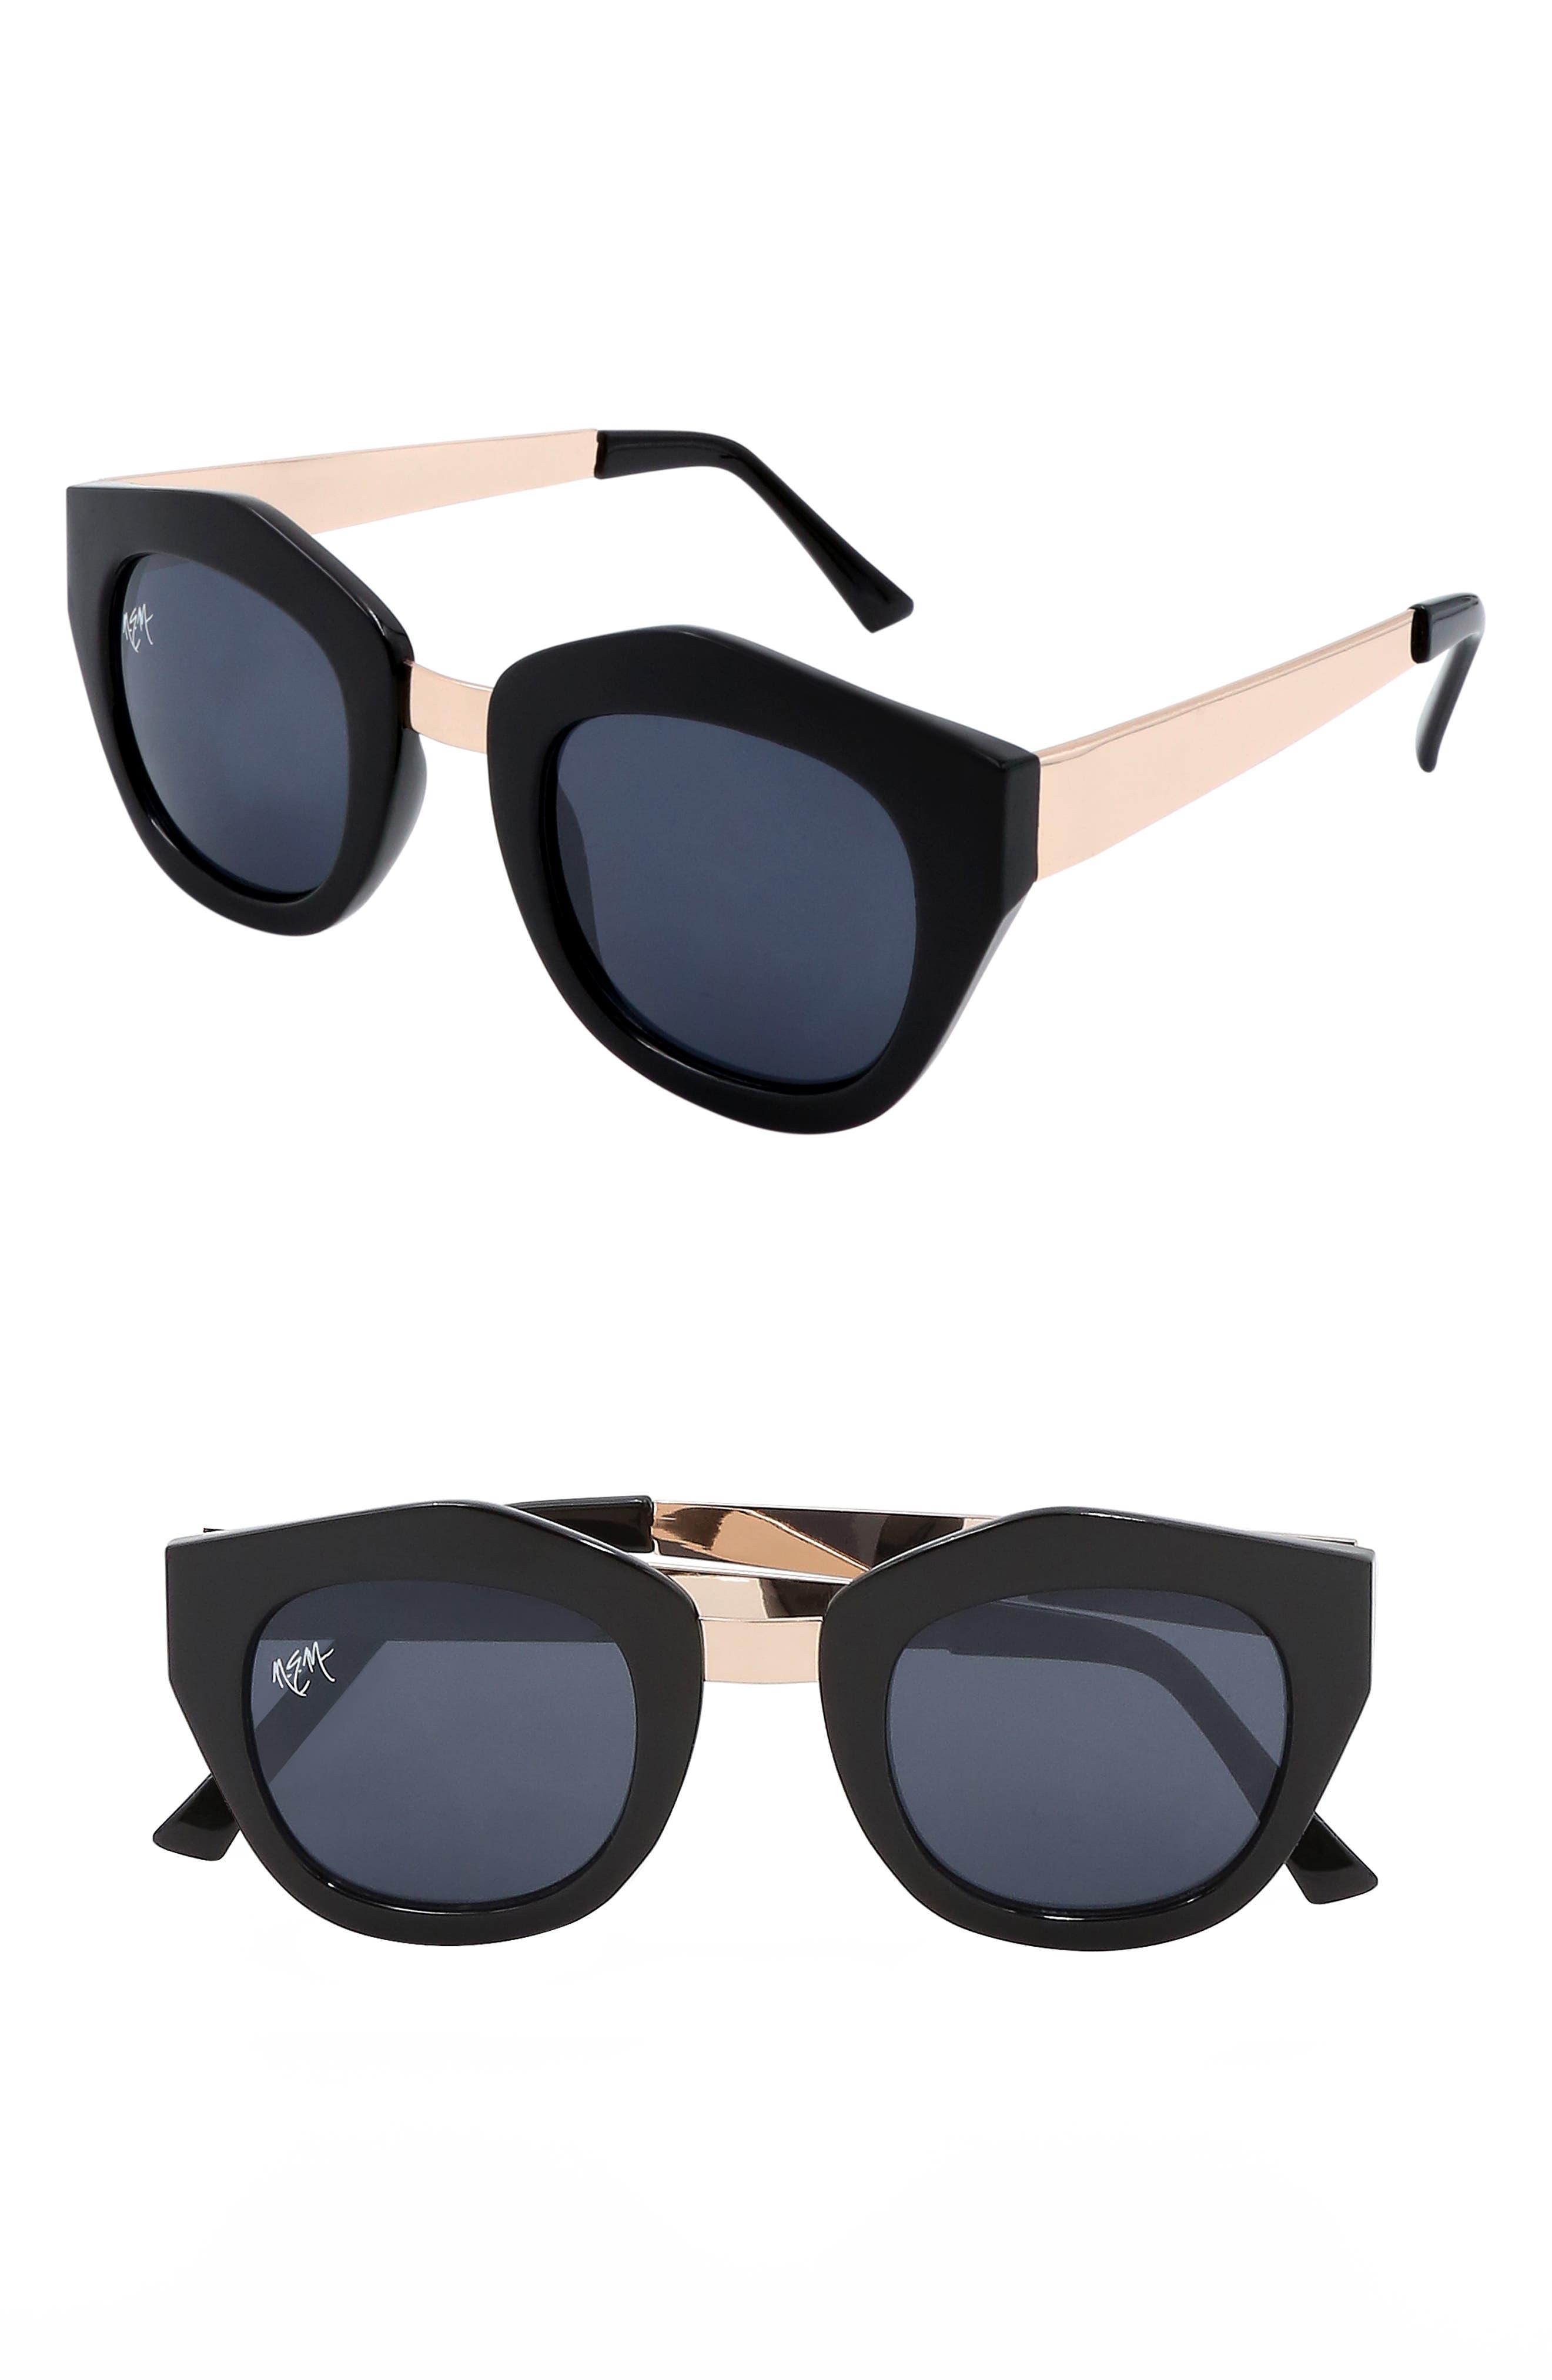 Nem Envy 45Mm Angular Sunglasses - Black W Dark Lens